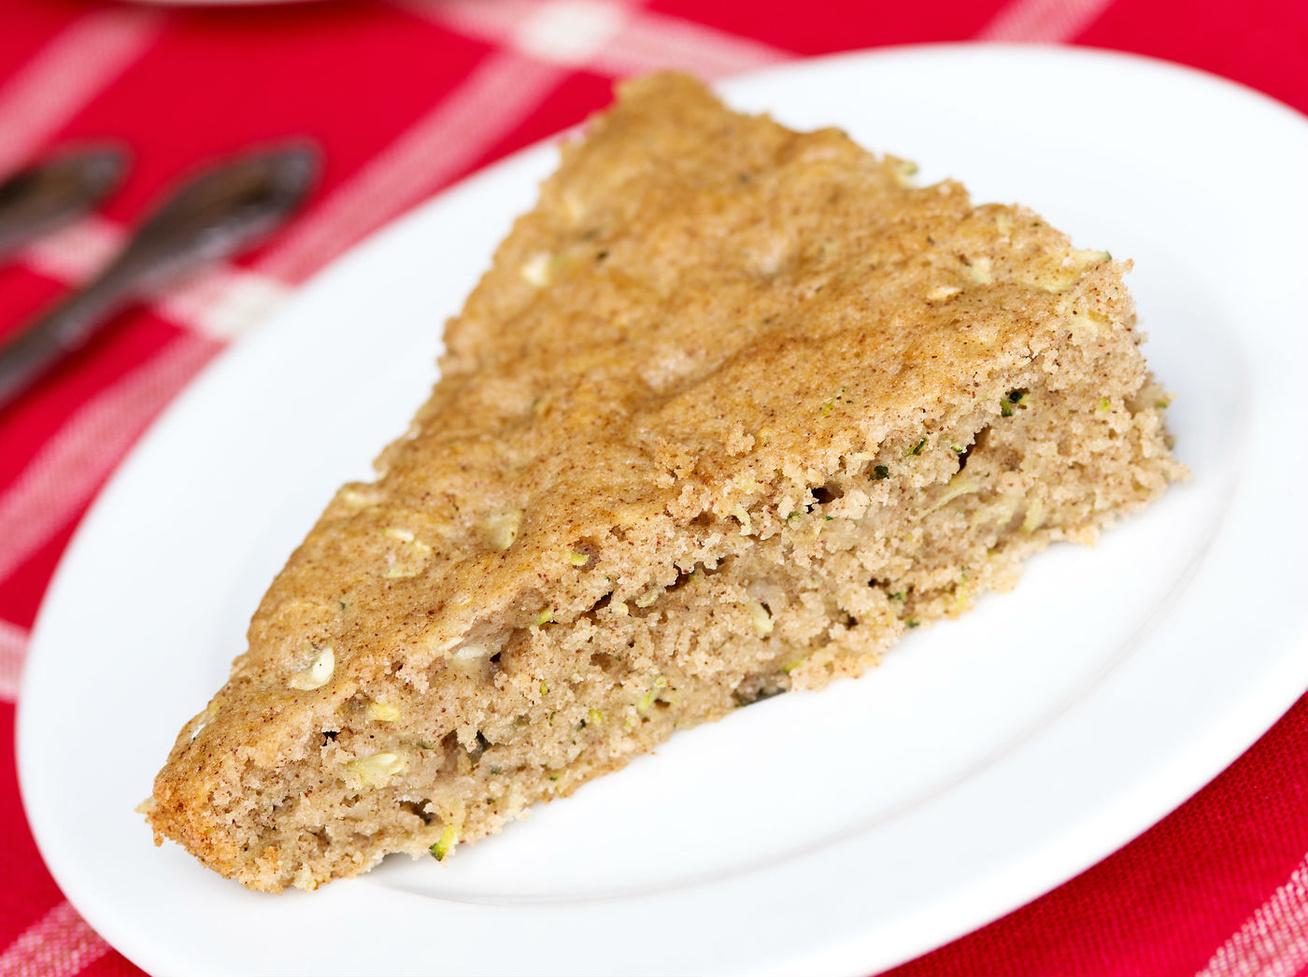 Fantasztikusan puha, fahéjas-cukkinis kevert süti - Sokszor el fogod készíteni